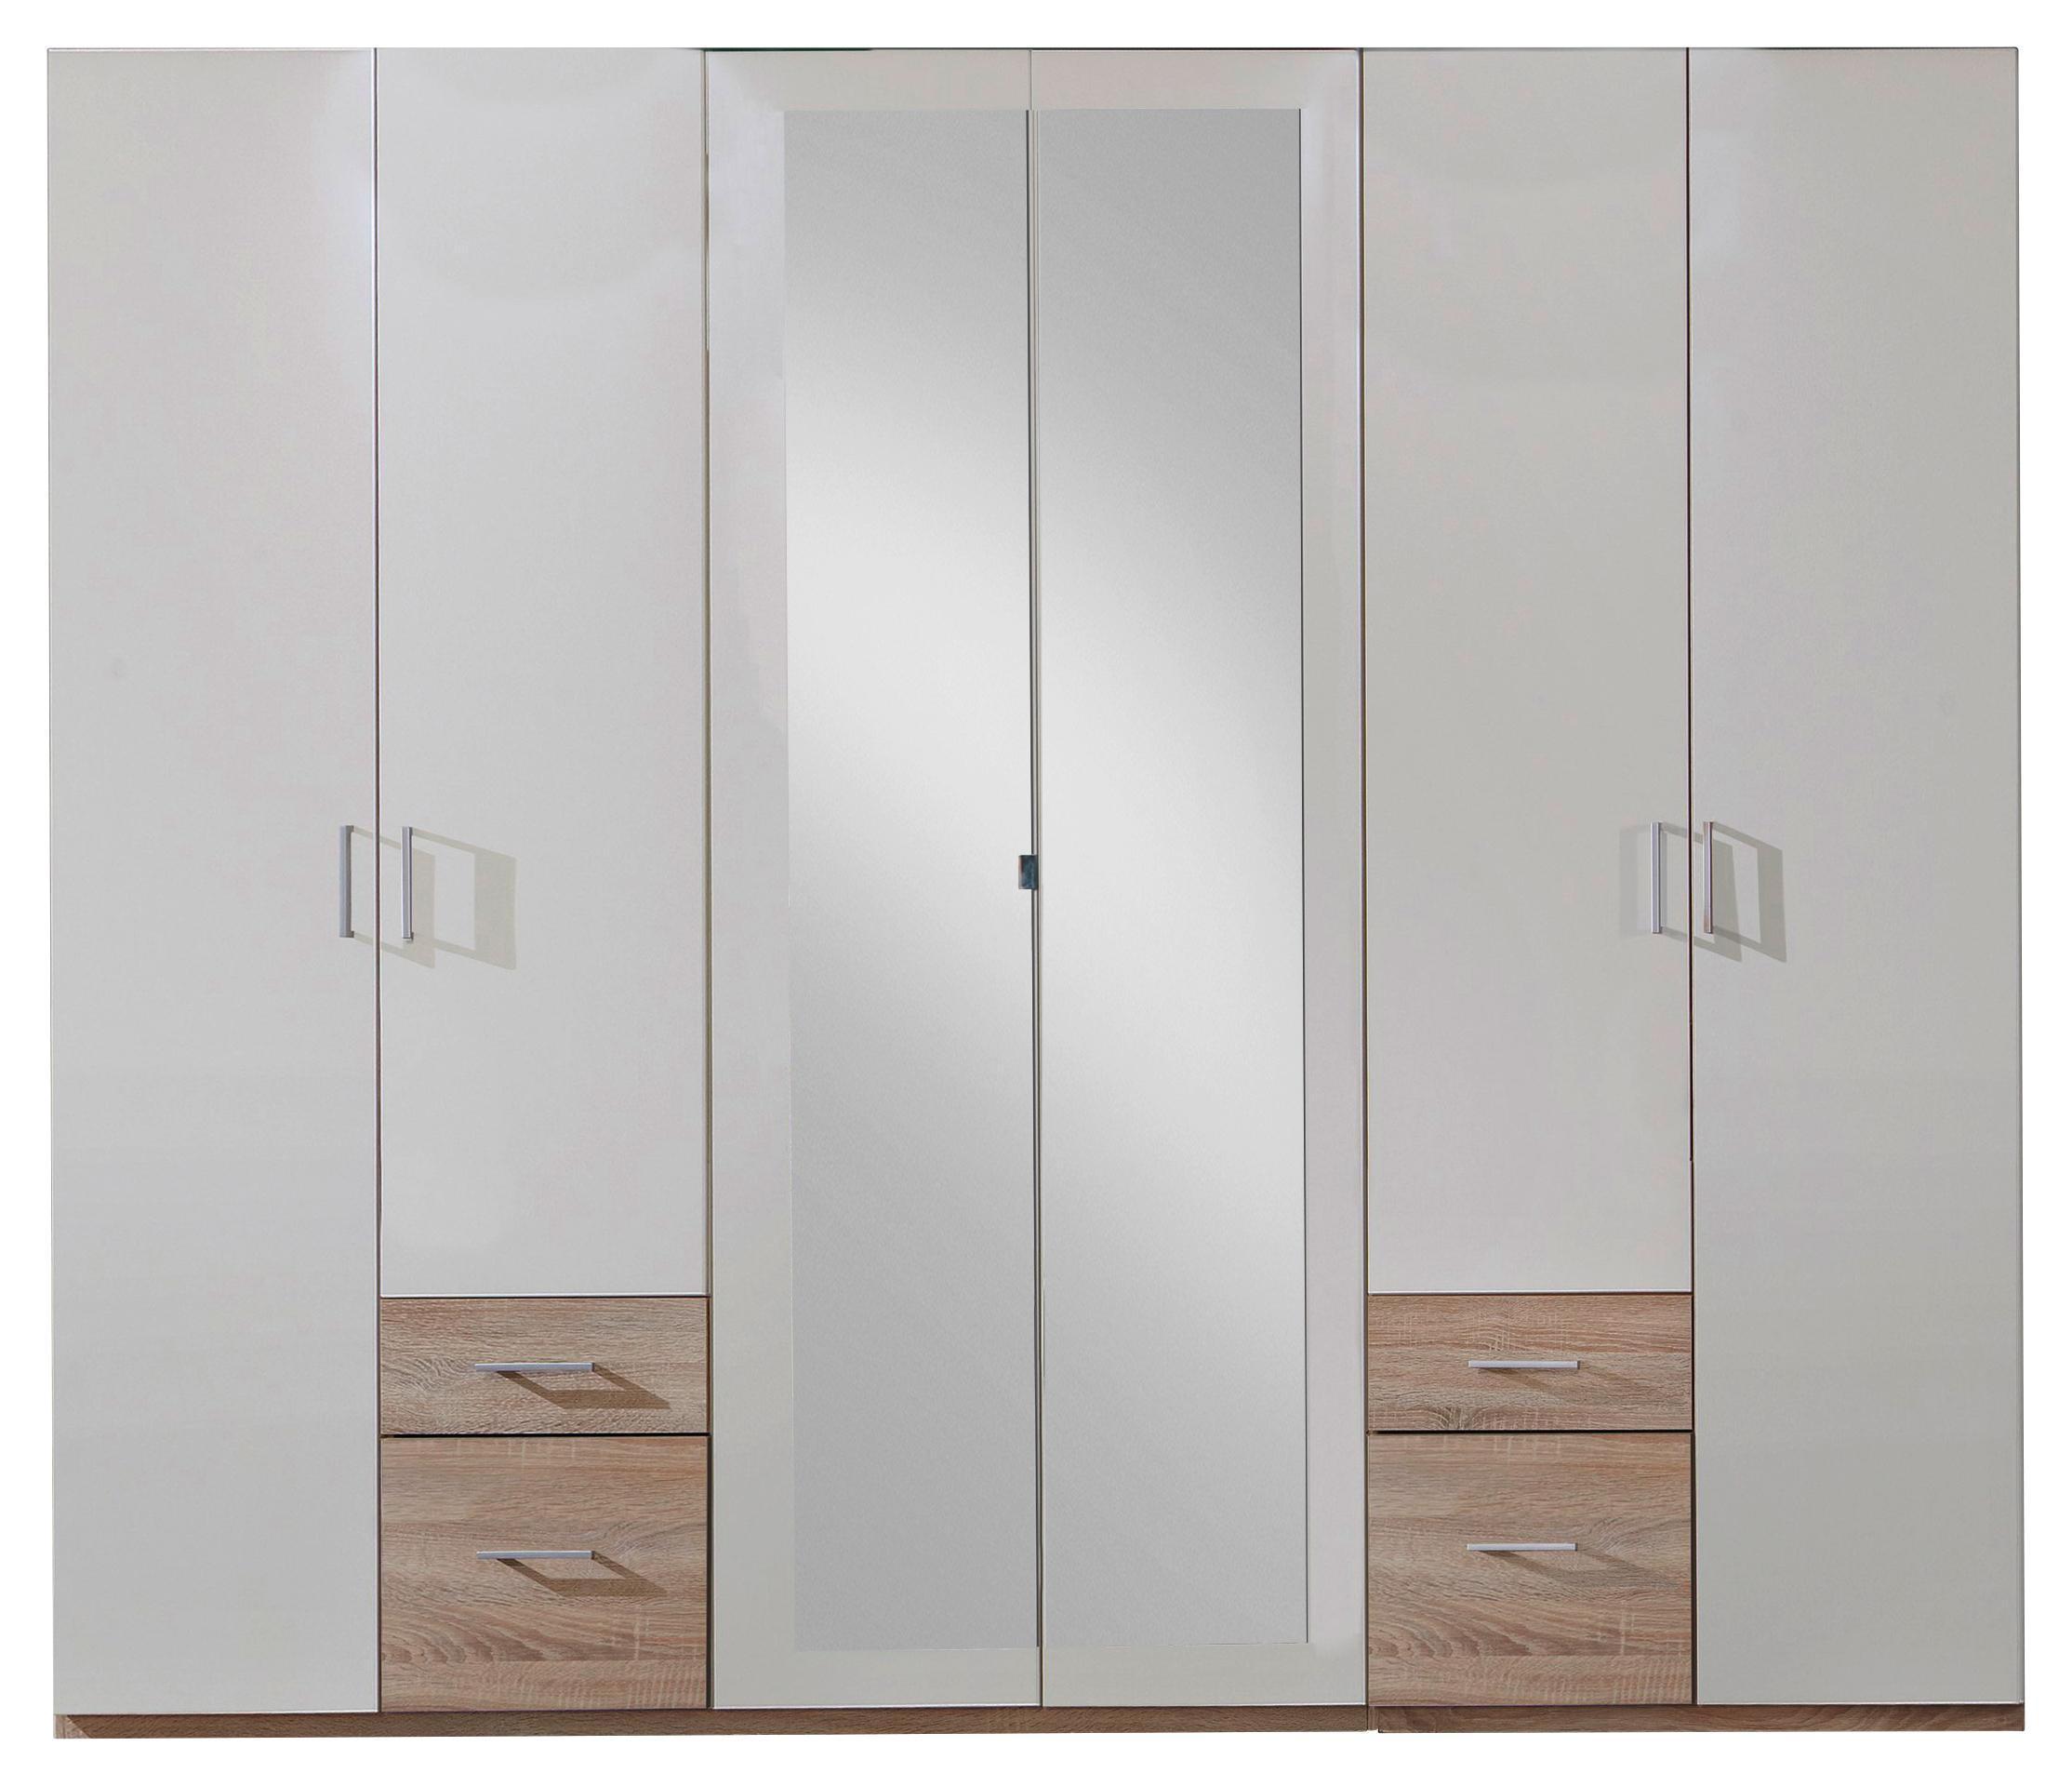 Polypropylen Mehrfarbig Wenko Kleiderschrank Ordnung 50 x 75 x 160 cm